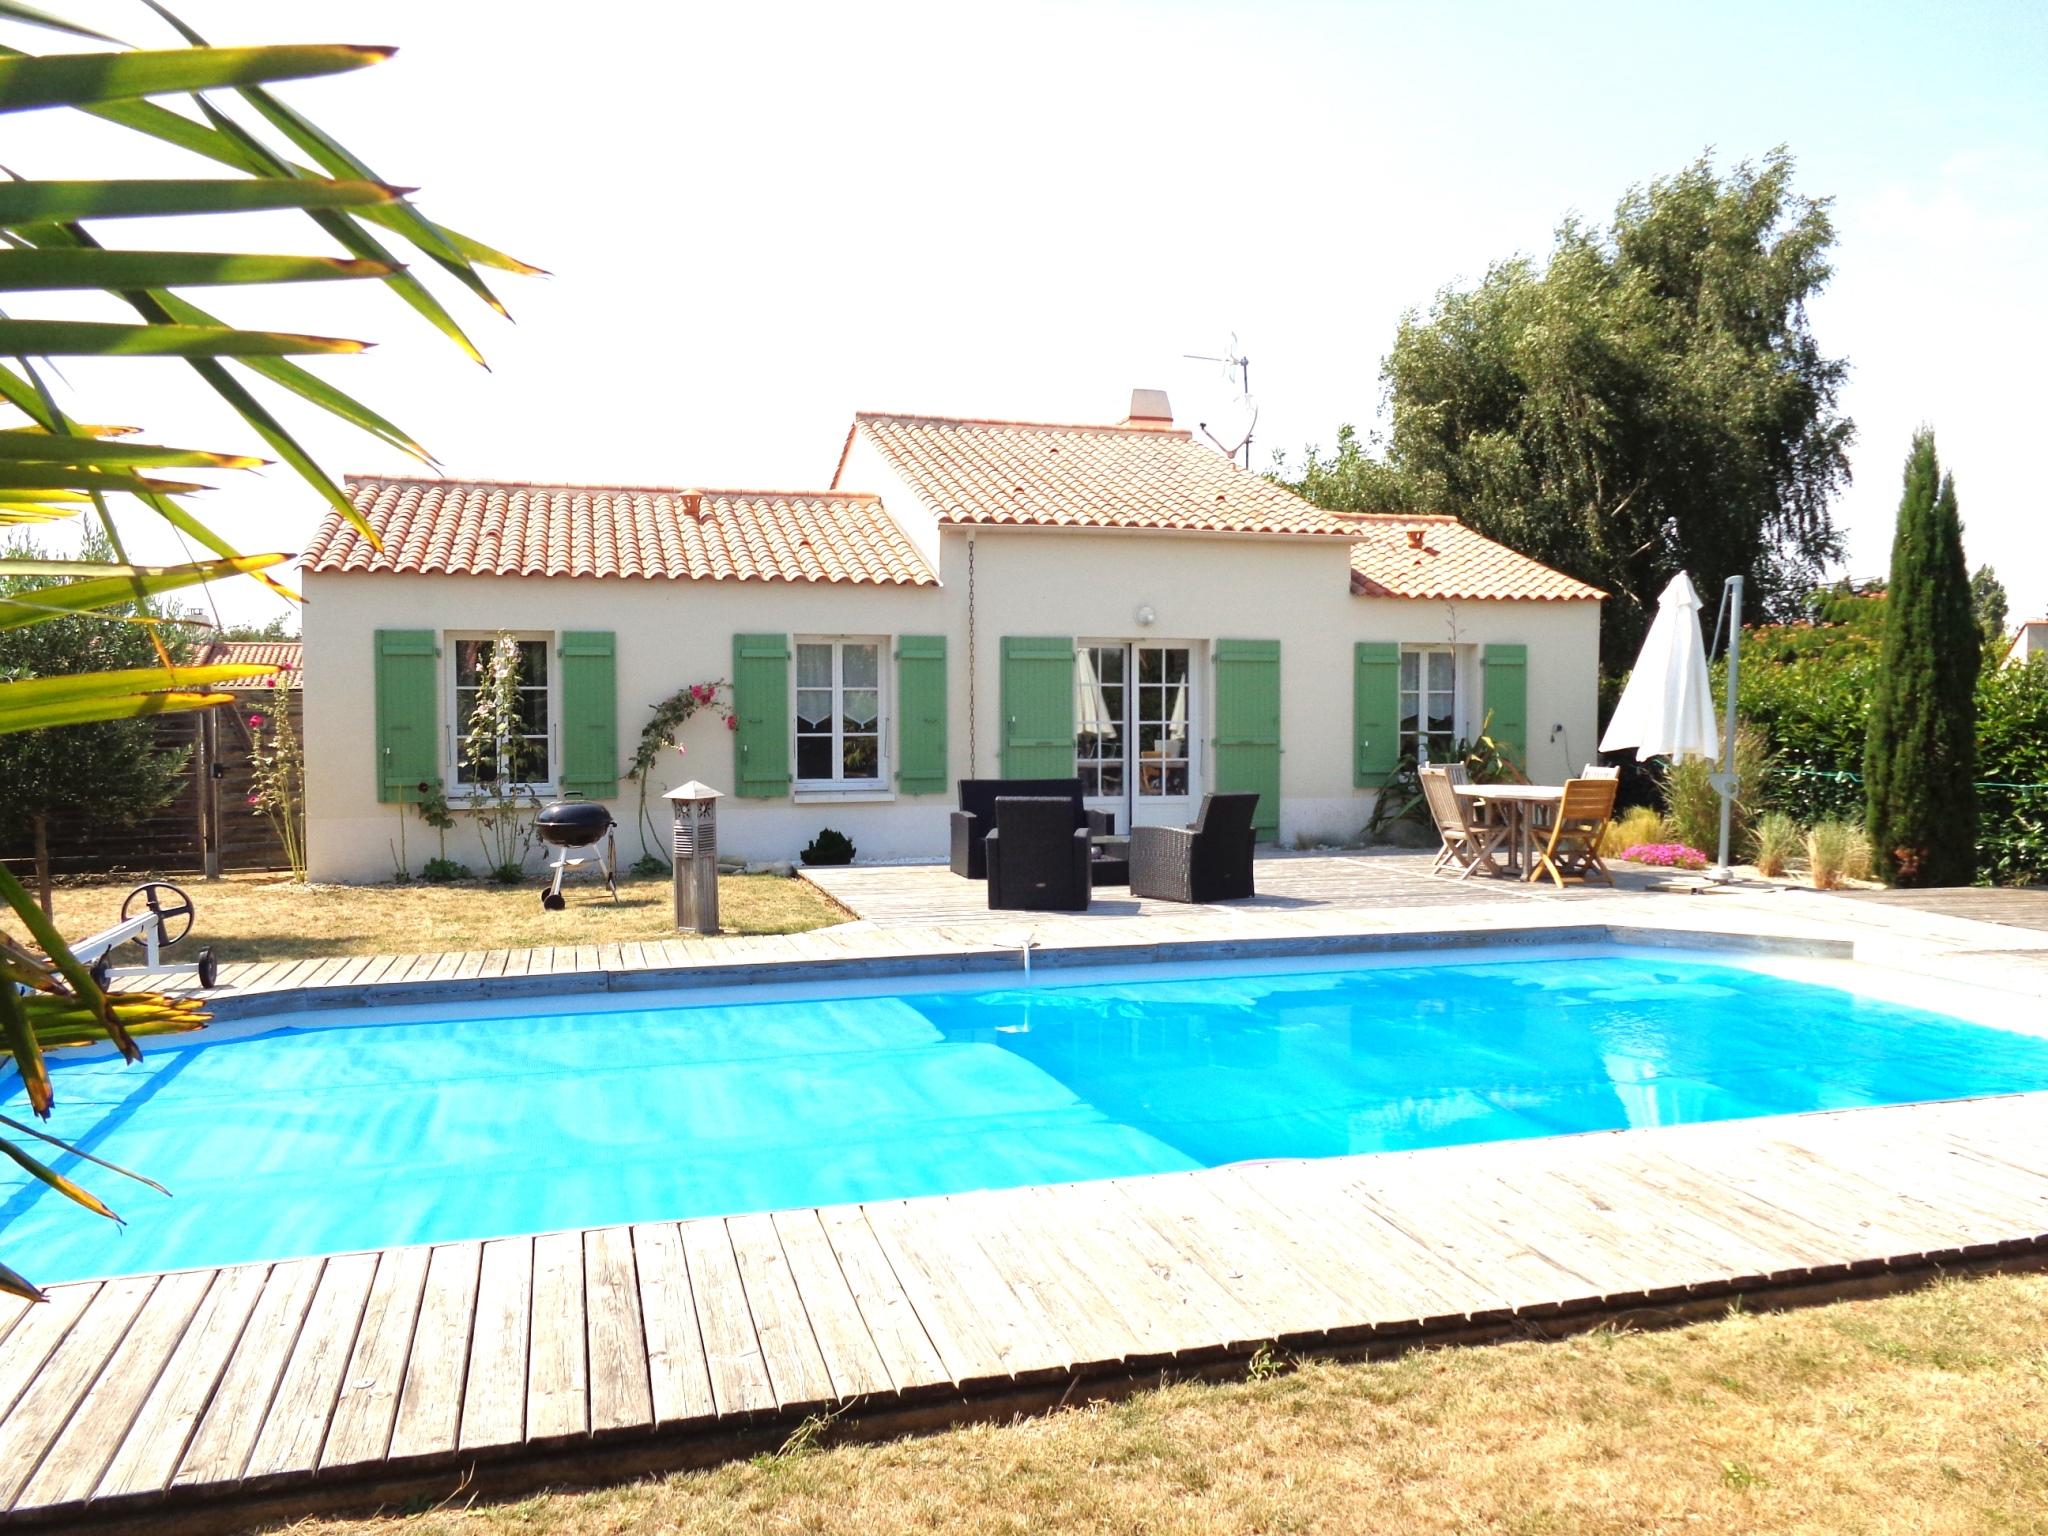 Location vacances angles maison de vacances avec piscine for Maison avec angle casse